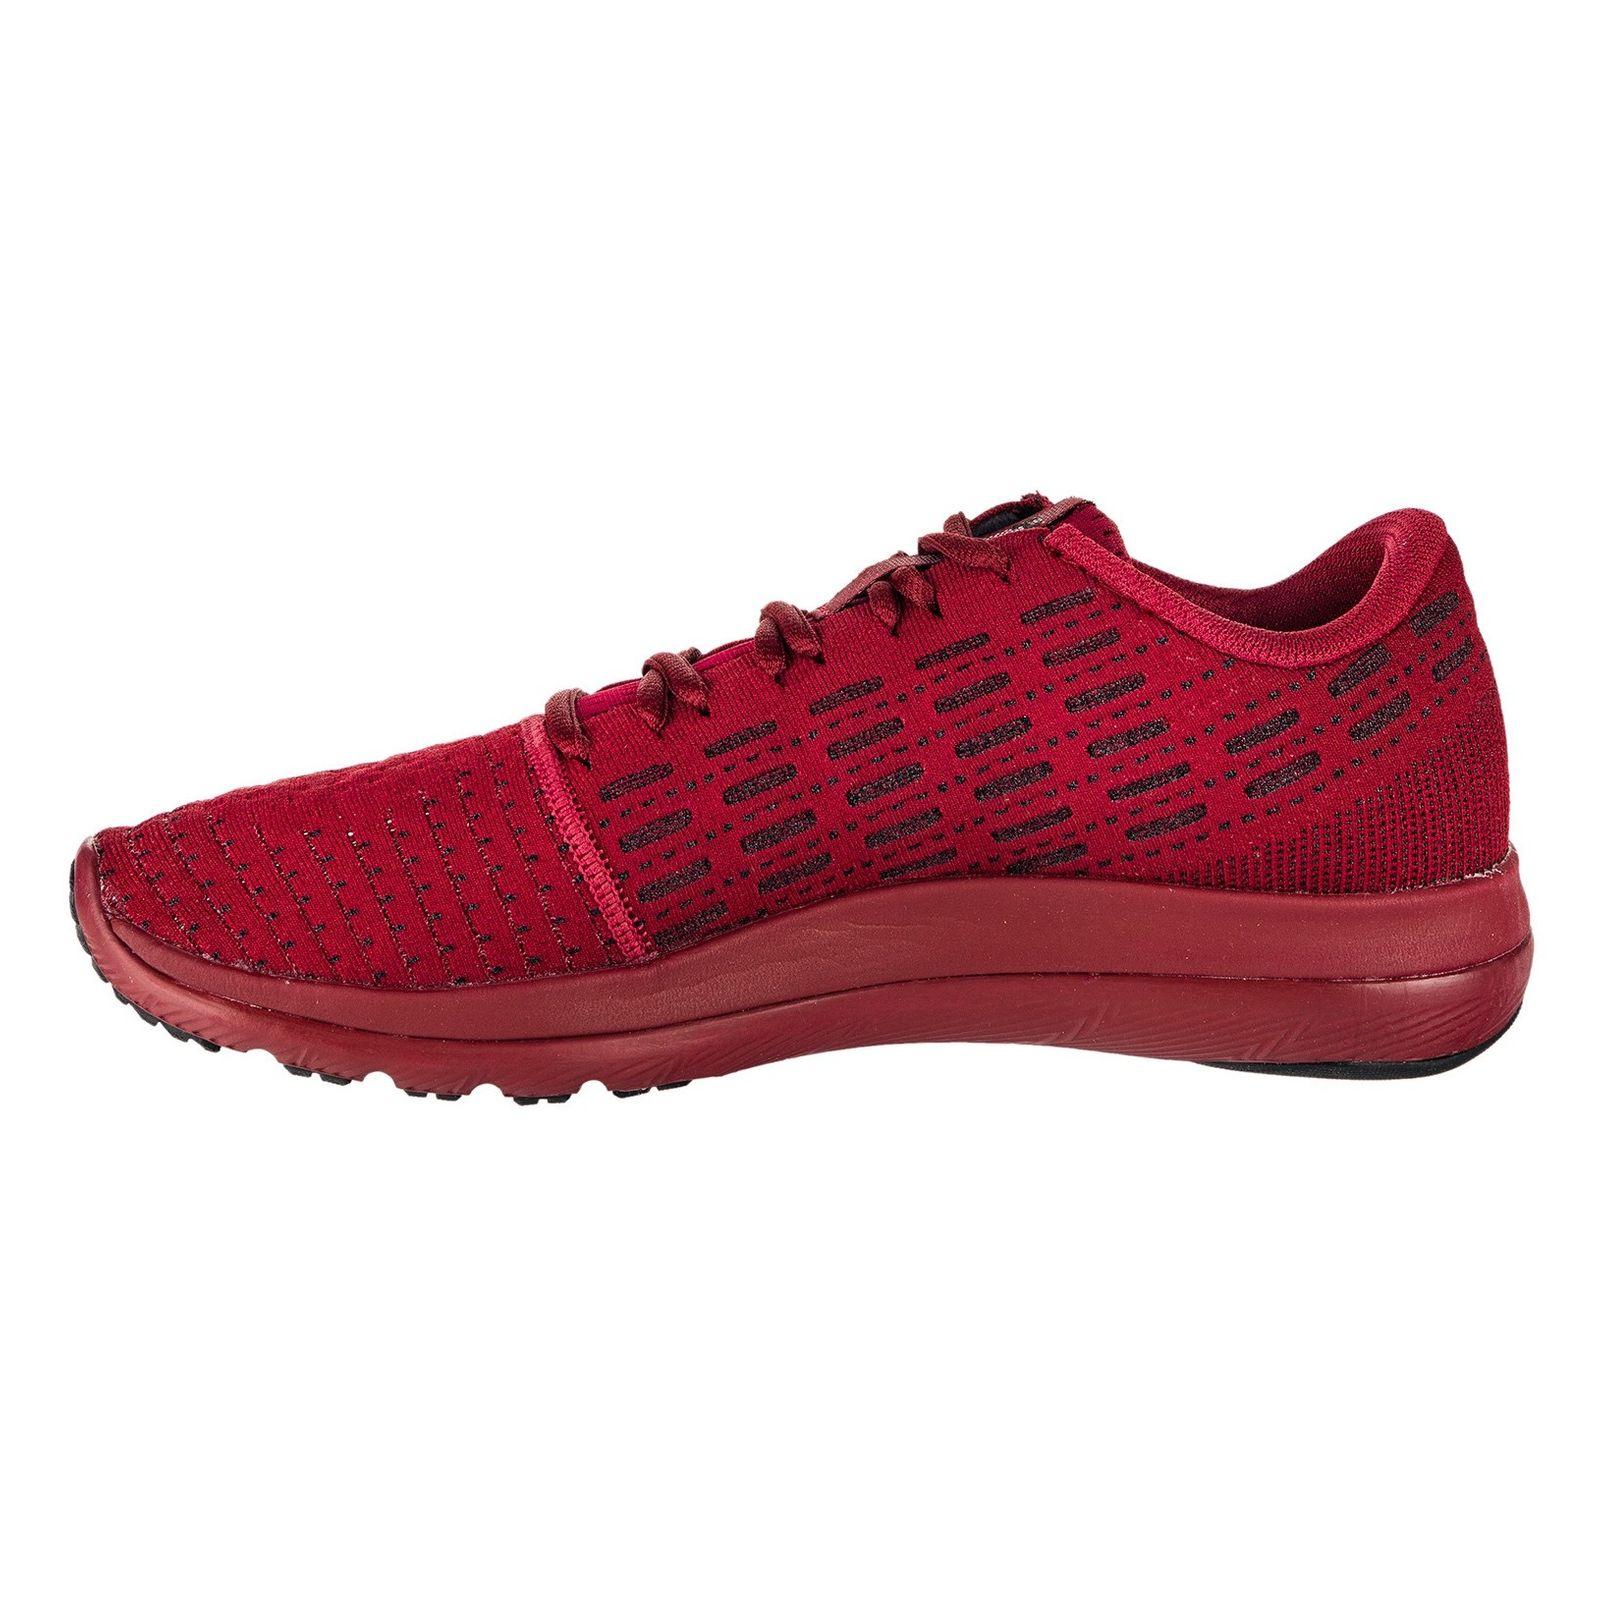 کفش دویدن بندی مردانه Threadborne Slingflex - آندر آرمور - زرشکی - 2